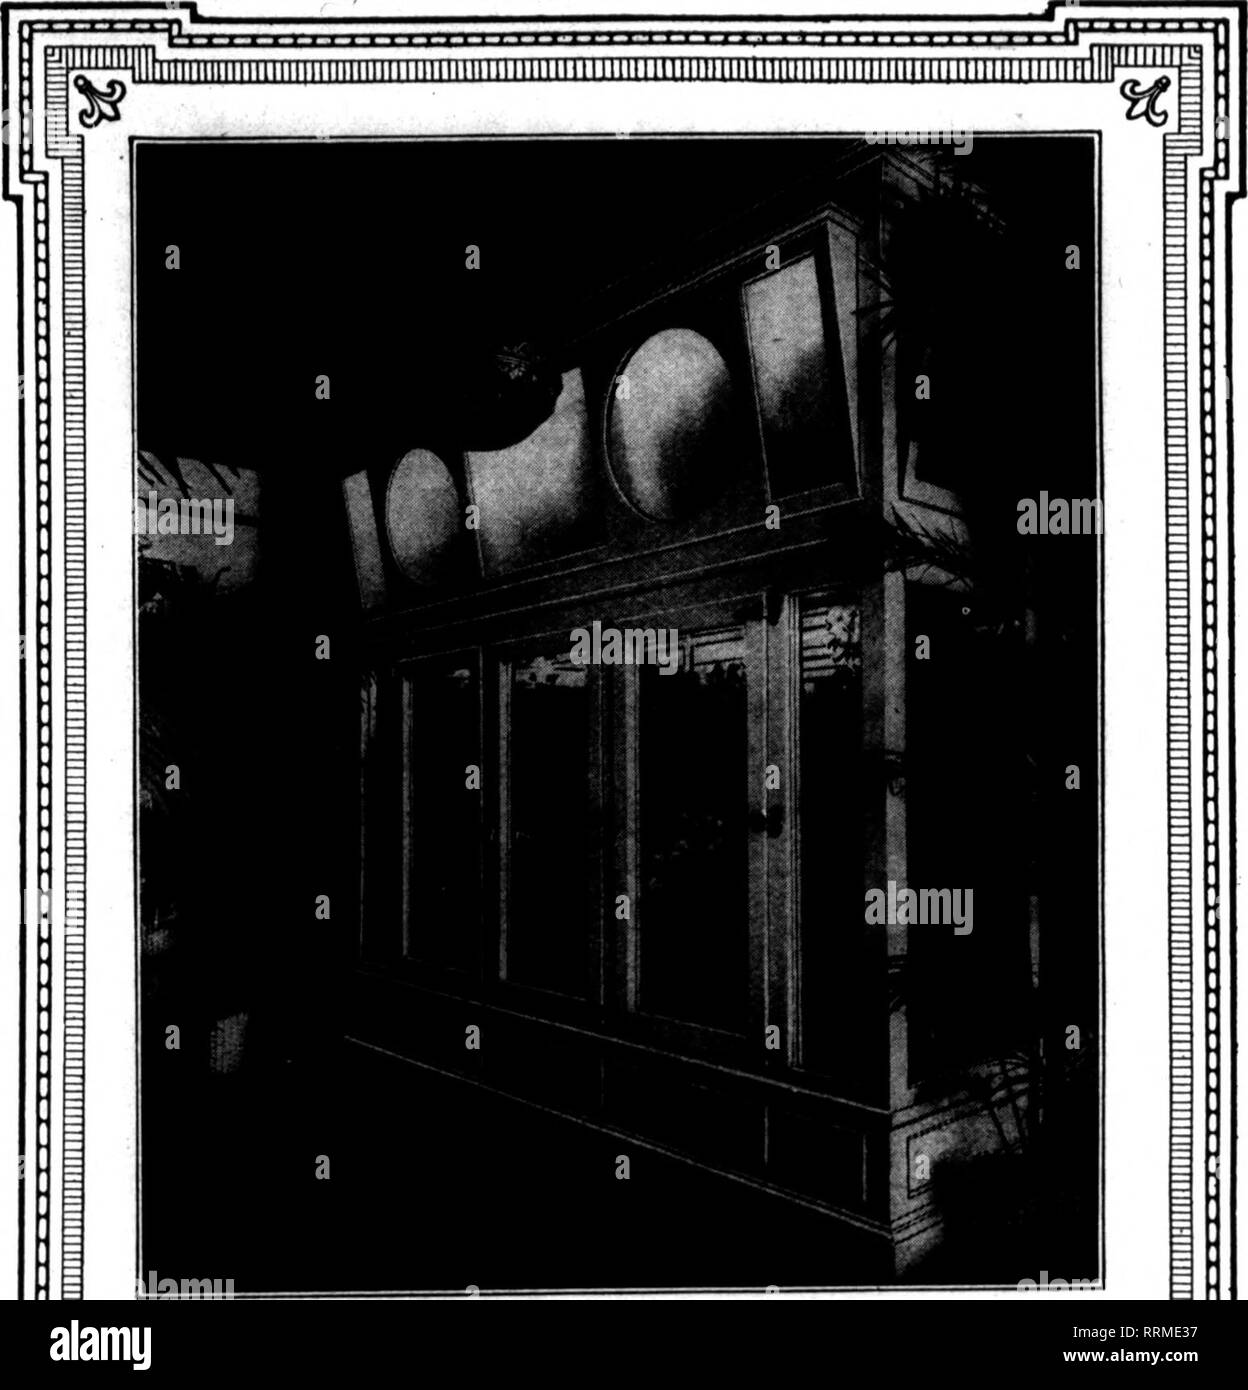 . Fioristi' review [microformati]. Floricoltura. Il 2 marzo 1916. I fioristi' Riesaminare 43 Pubblicizzi il tuo business mentre rendendo vantaggiosi pacchetti utilizzare spago pubblicità un nastro 3-16-in largo, su cui si stampa il tuo annuncio ogni pochi centimetri. I costi non più di spago. 1000 cantieri di spool. Porta-spole con taglio- tachment fornita gratuitamente con il primo ordine. I seguenti prezzi includono la stampa di: $1.85 per 1000 cantieri in cantiere 4000 partite 1,75 per mille cantieri di 12000 cantiere Lotti. Inviare oggi per.libera colorcard. Ordine diretto o attraverso il grossista a. NeuerA Hoffmann 75 Orand St., NEW YORK CITT M Immagini Stock